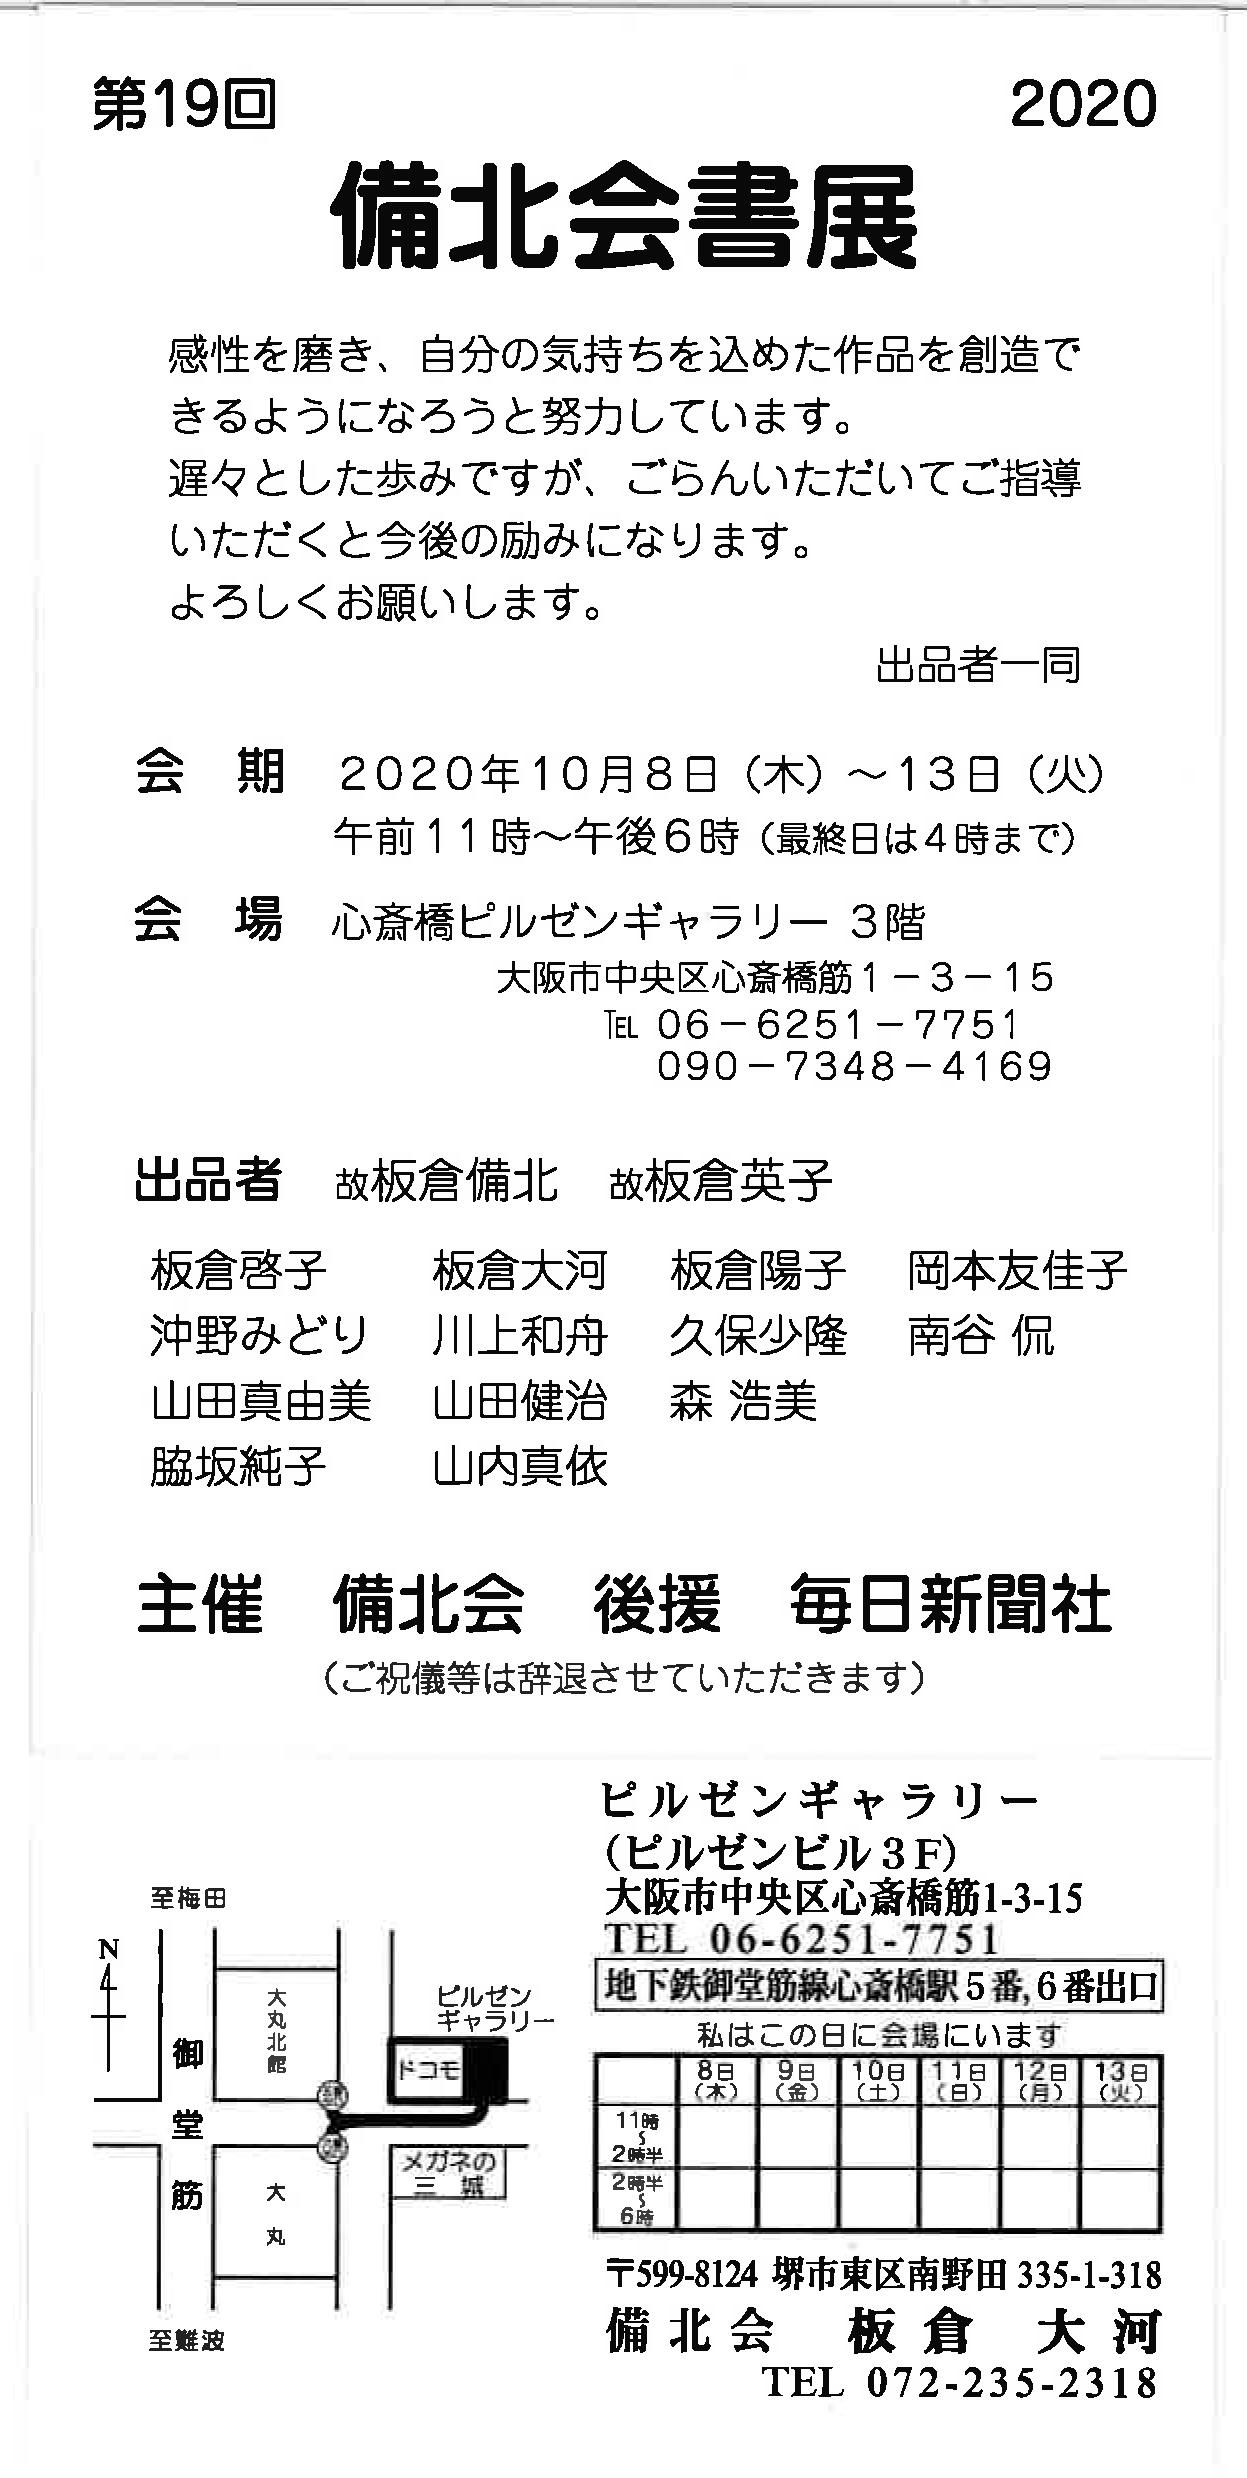 【展覧会情報】第19回備北会書展